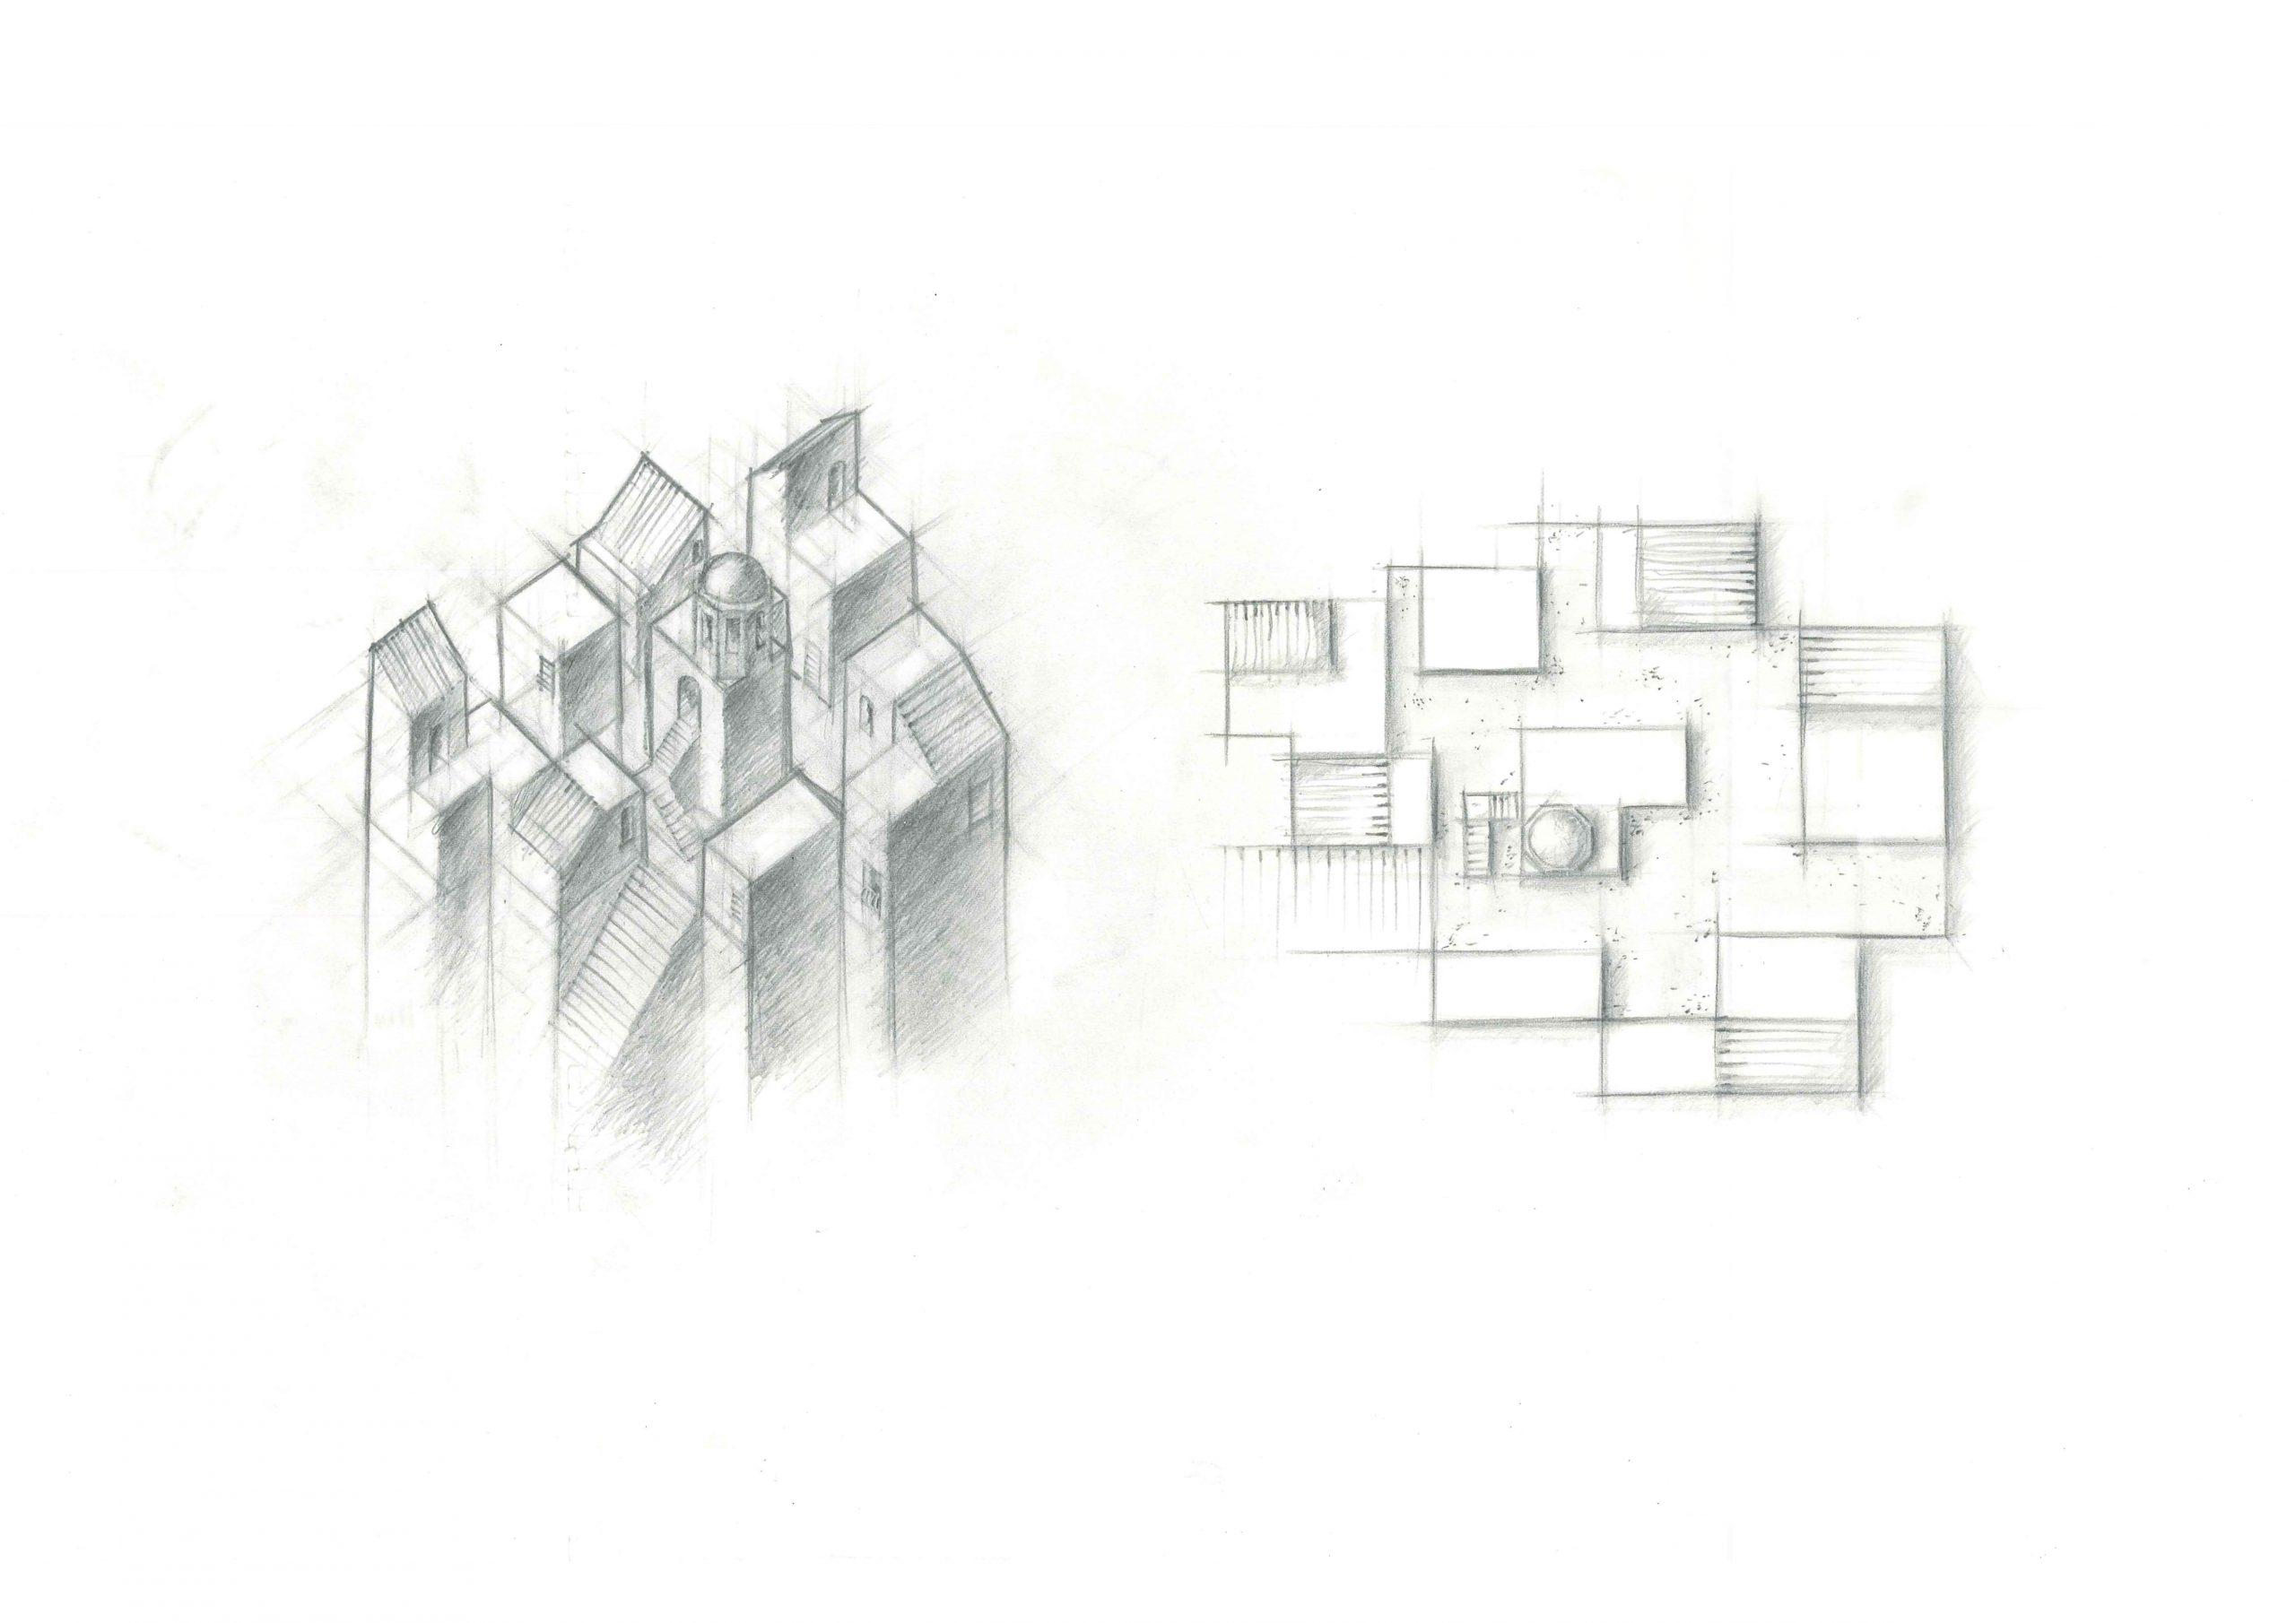 Daniel_Tauer_Projekt_etcpp_Zeichnung_05